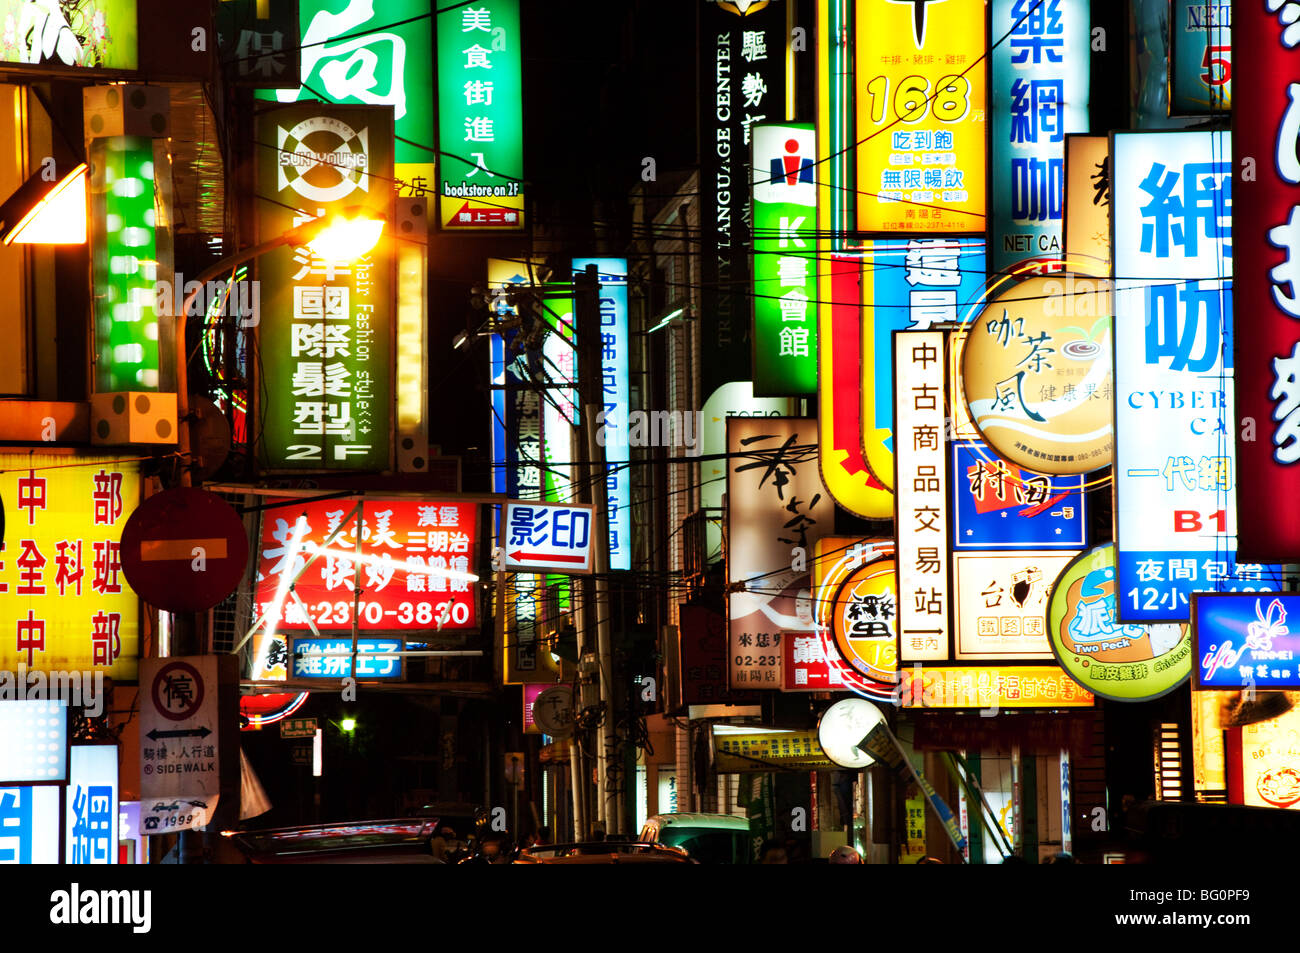 Luces de neón por la noche, Taipei, Taiwán, Asia Imagen De Stock